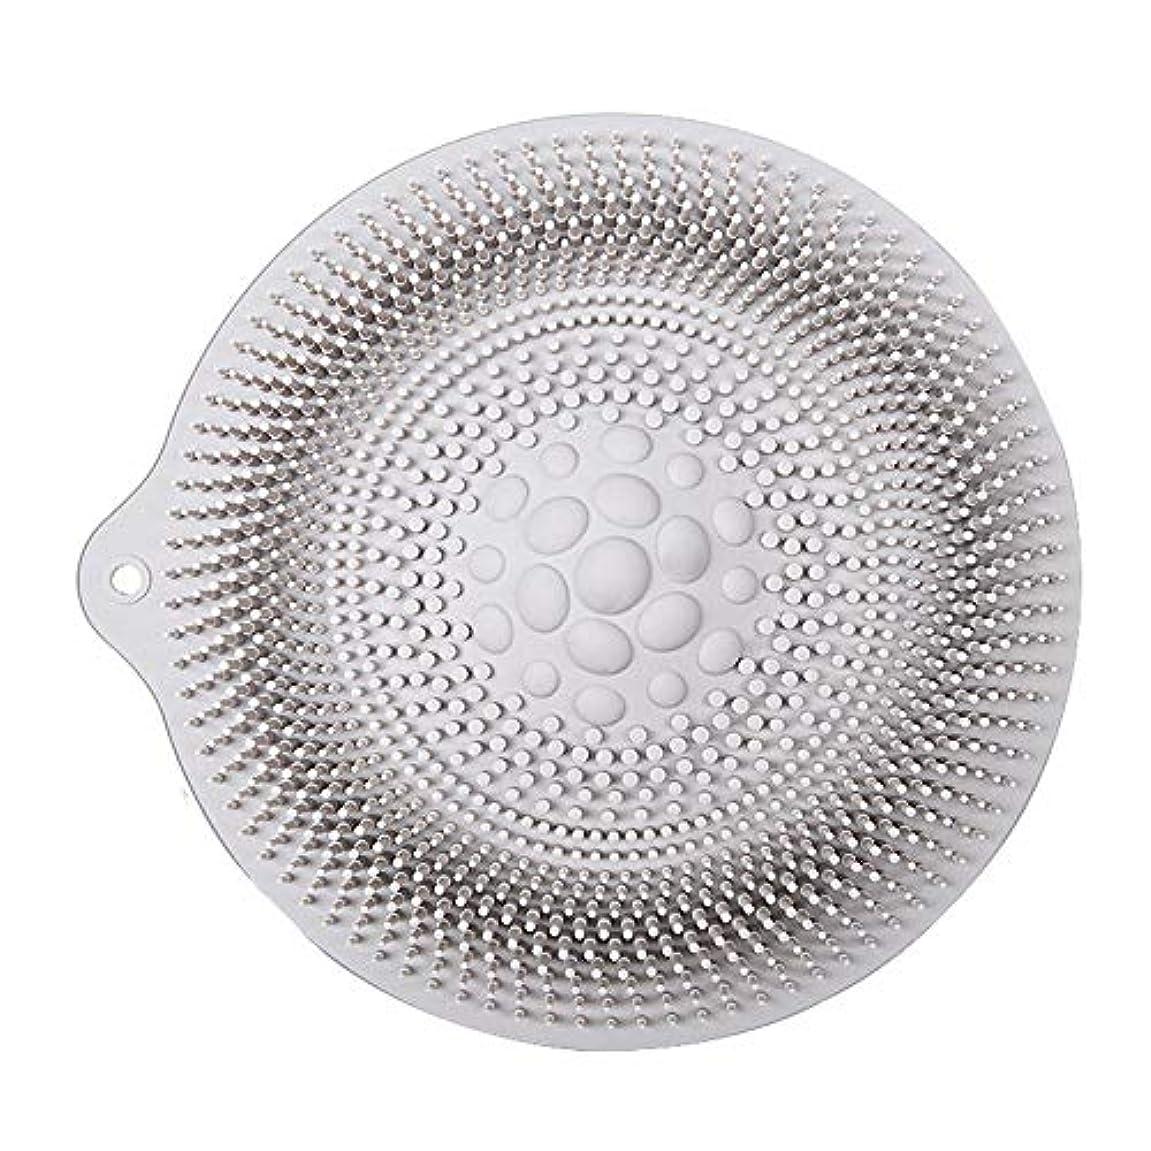 後悔全能腸足洗いマット 安全 非毒性 無臭 多機能 グレート 使いやすい フットケア ボディブラシ マッサージシート お風呂用 32cm